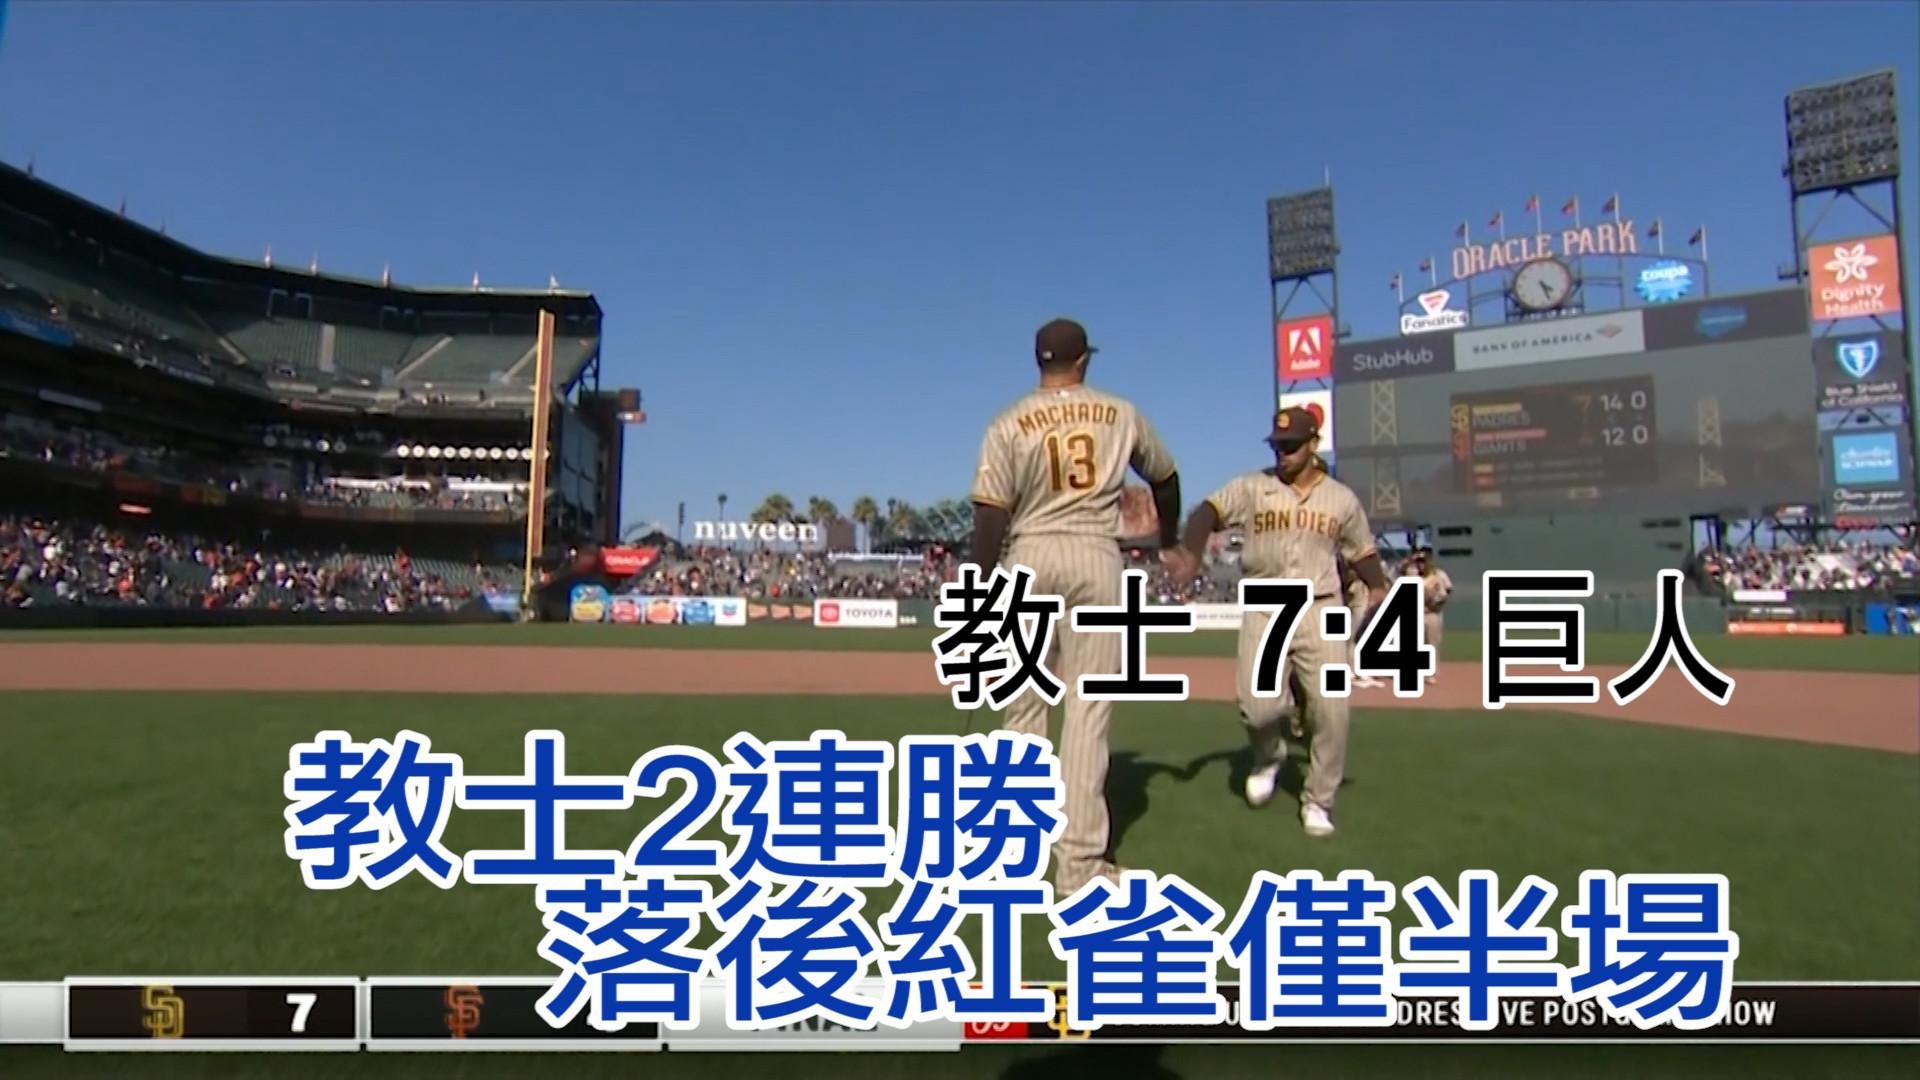 【MLB看愛爾達】教士擊敗巨人二連勝 距紅雀僅半場勝差 9/17